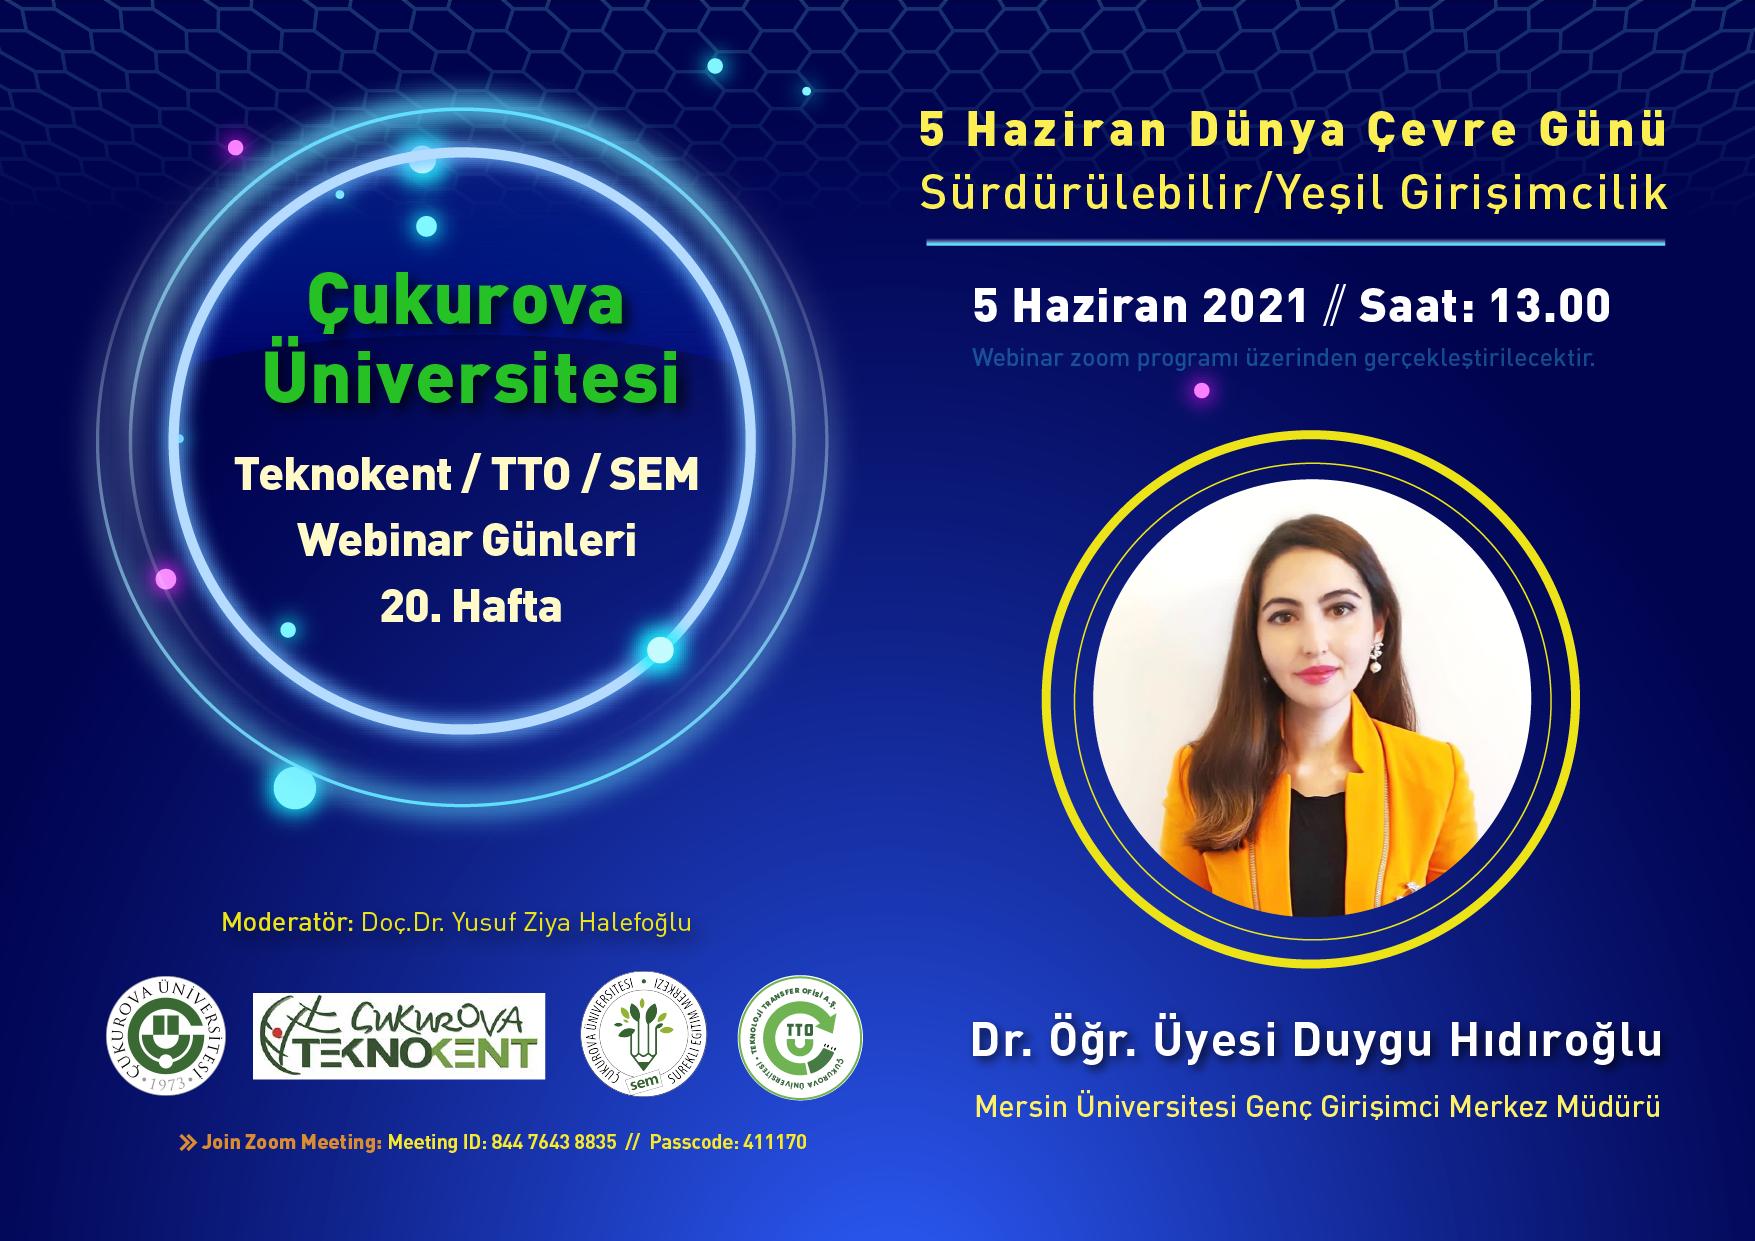 """WBAF - Çukurova Üniversitesi Webinar - """"5 Haziran Dünya Çevre Günü/Sürdürülebilir/Yeşil Girişimcilik"""""""